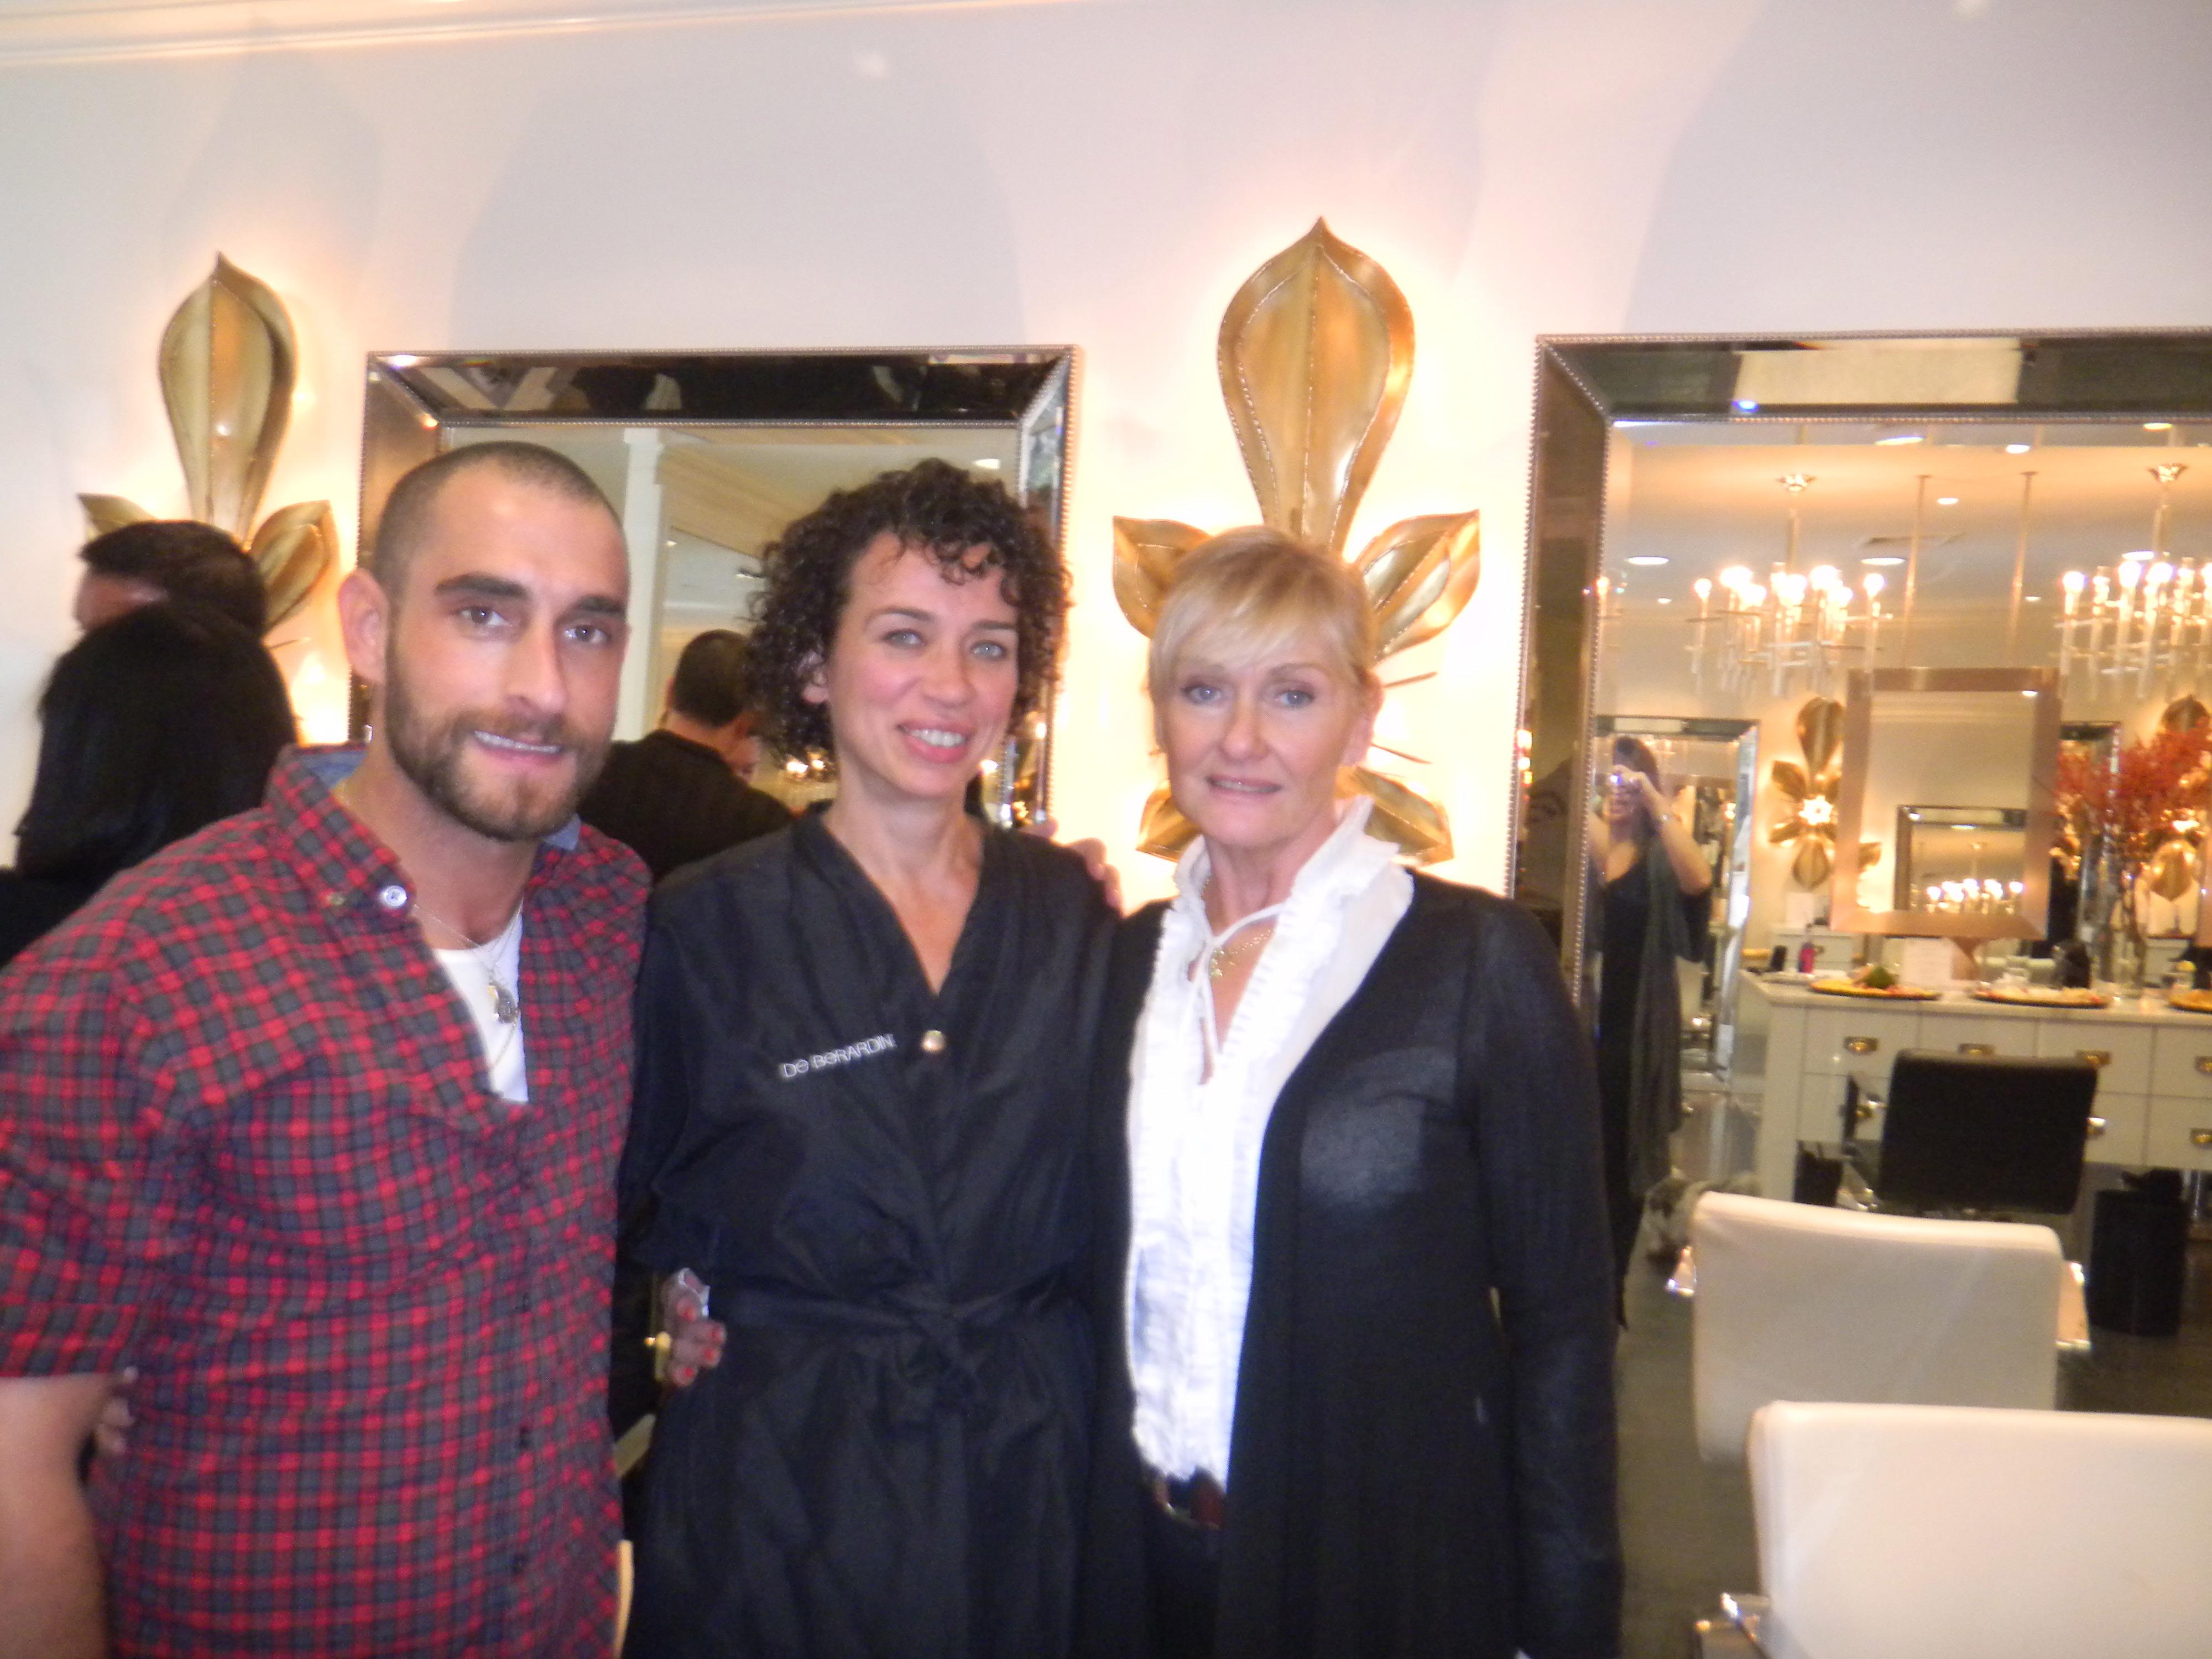 De Berardinis and guests